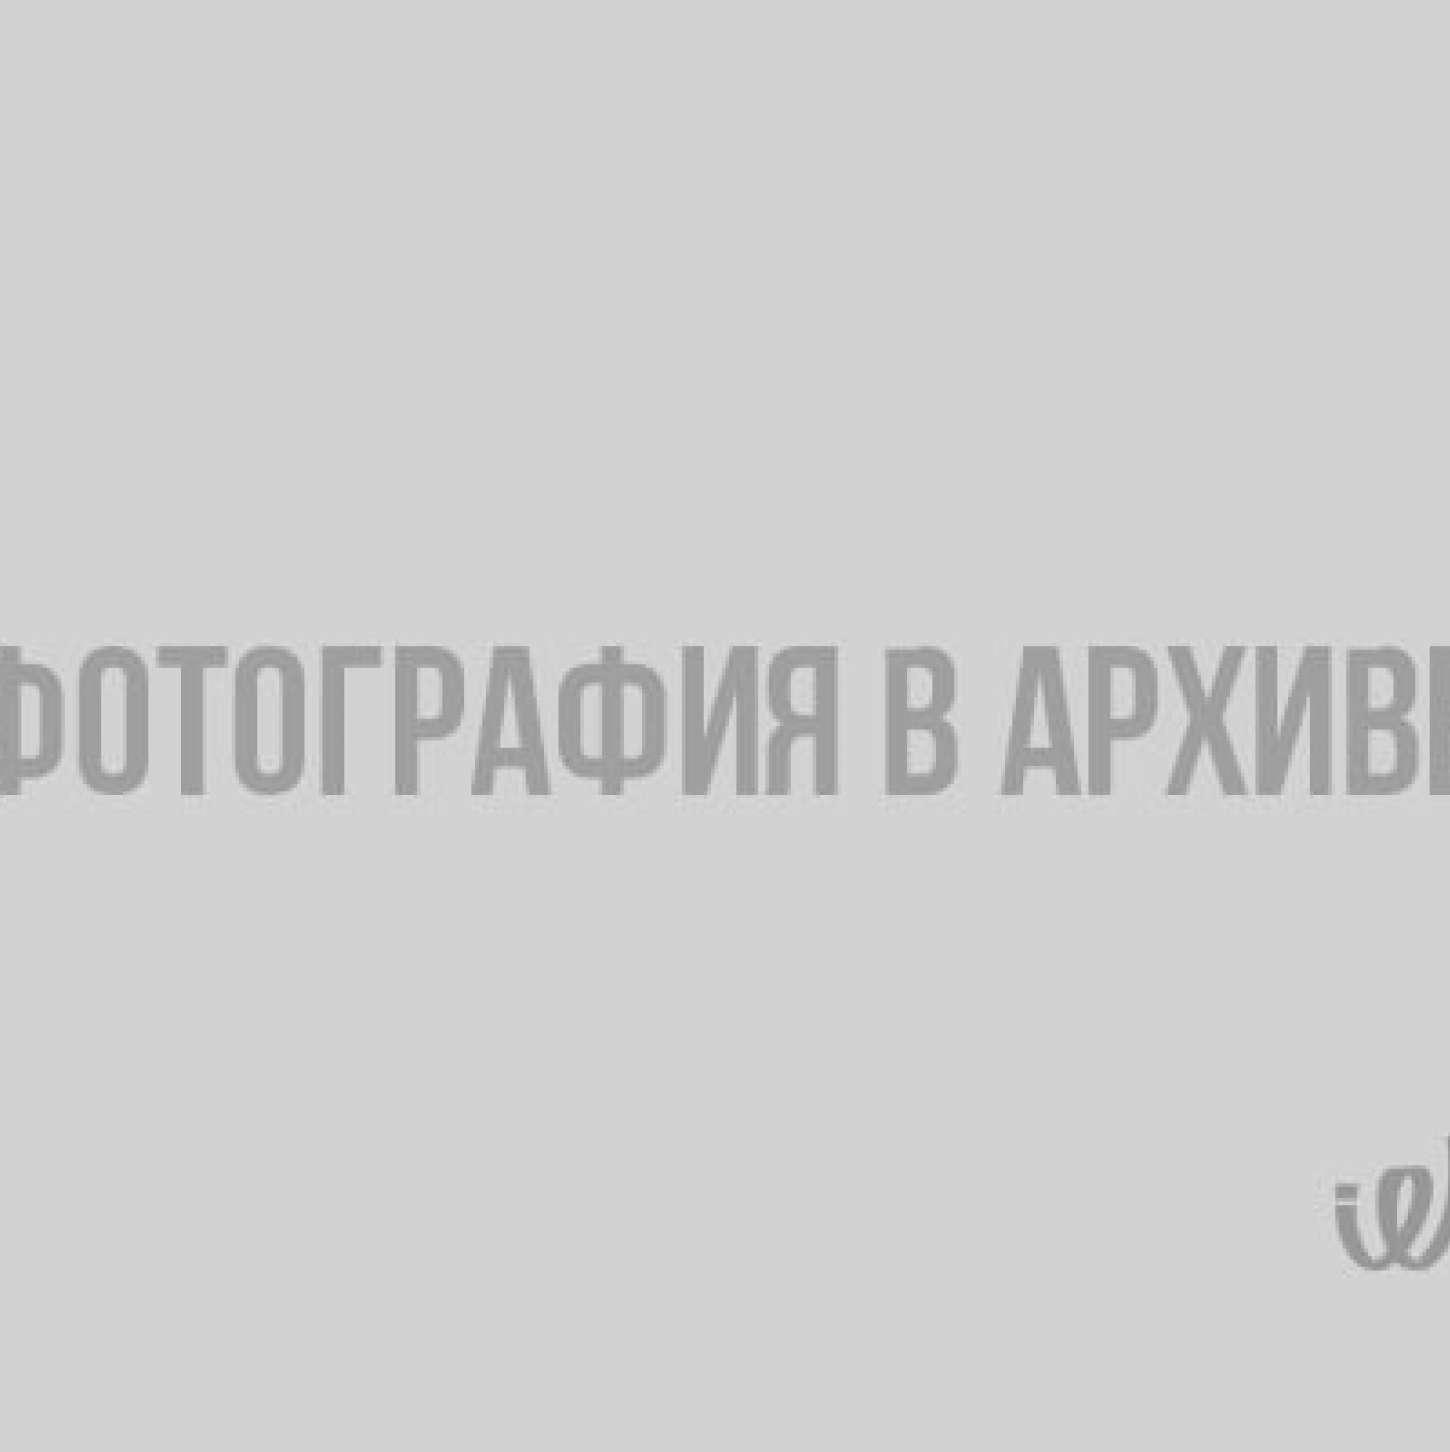 В Нижне-Свирском заповеднике с помощью квадрокоптера сфотографировали гнездо скопы хищная птица, скопа, Нижне-Свирский заповедник, Ленобласть